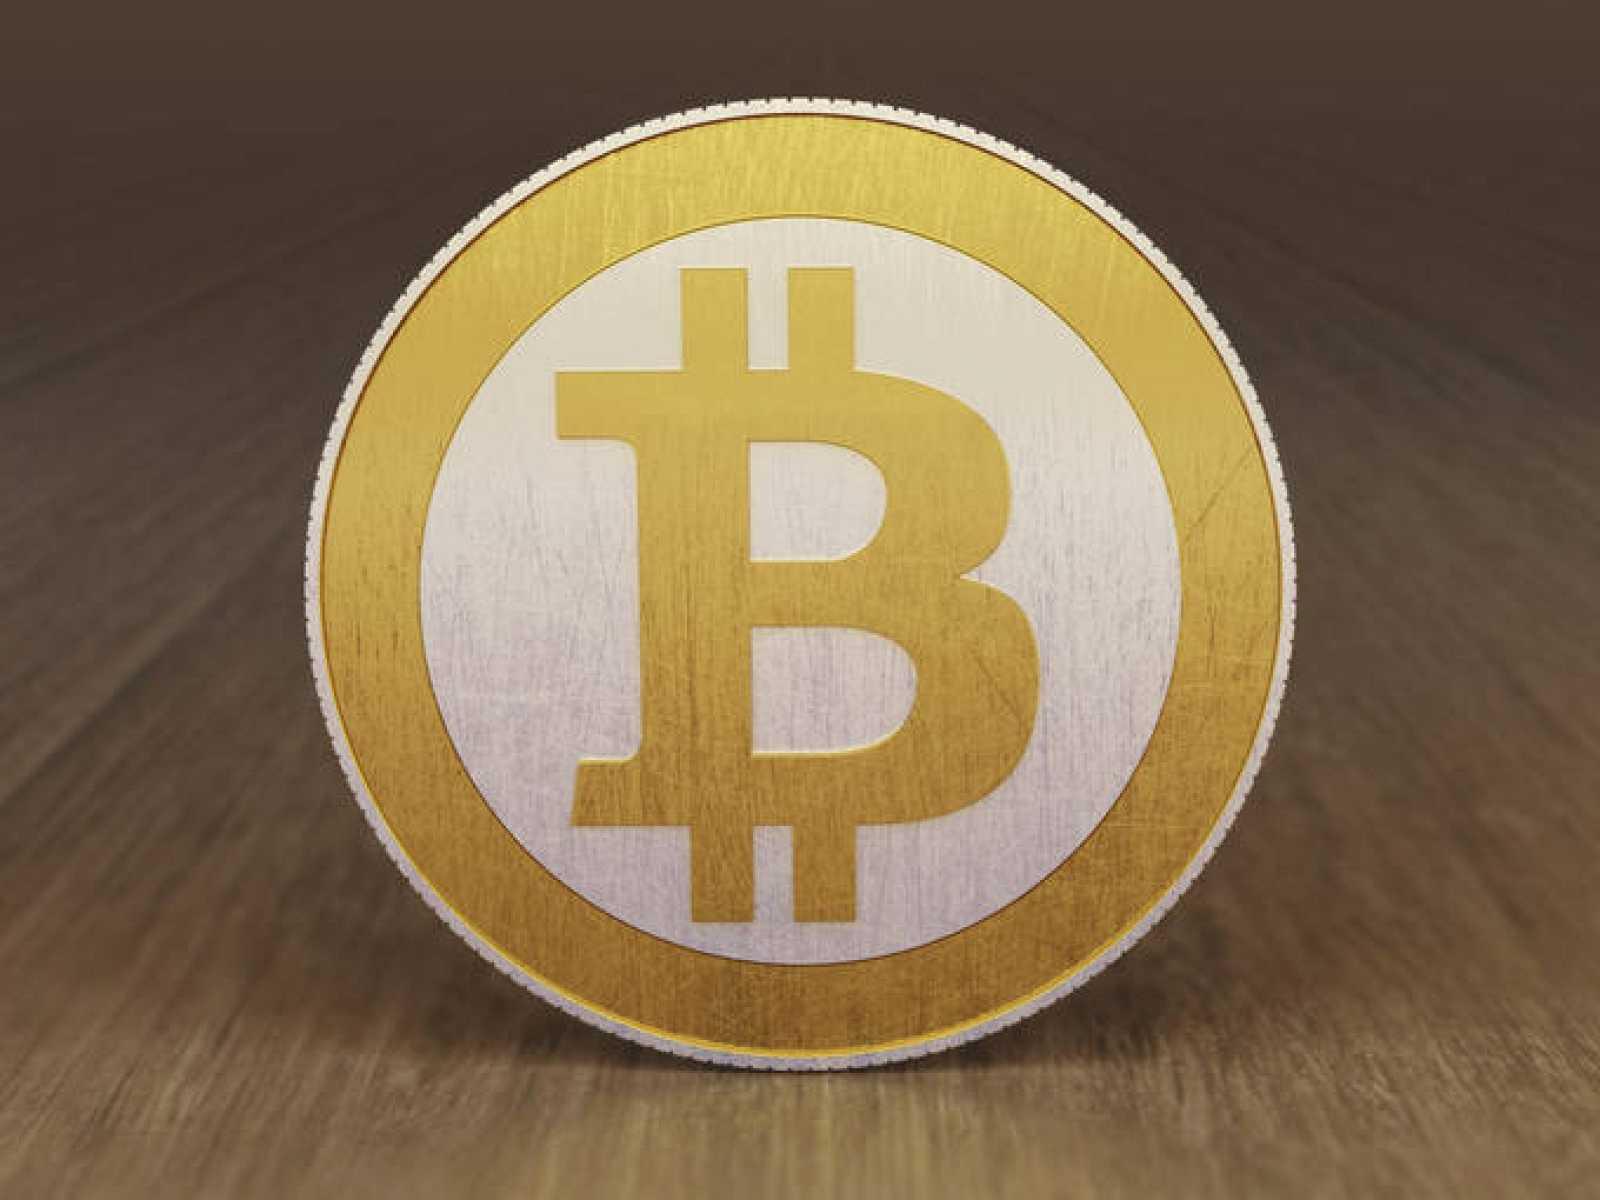 Una representación física de la moneda Bitcoin.